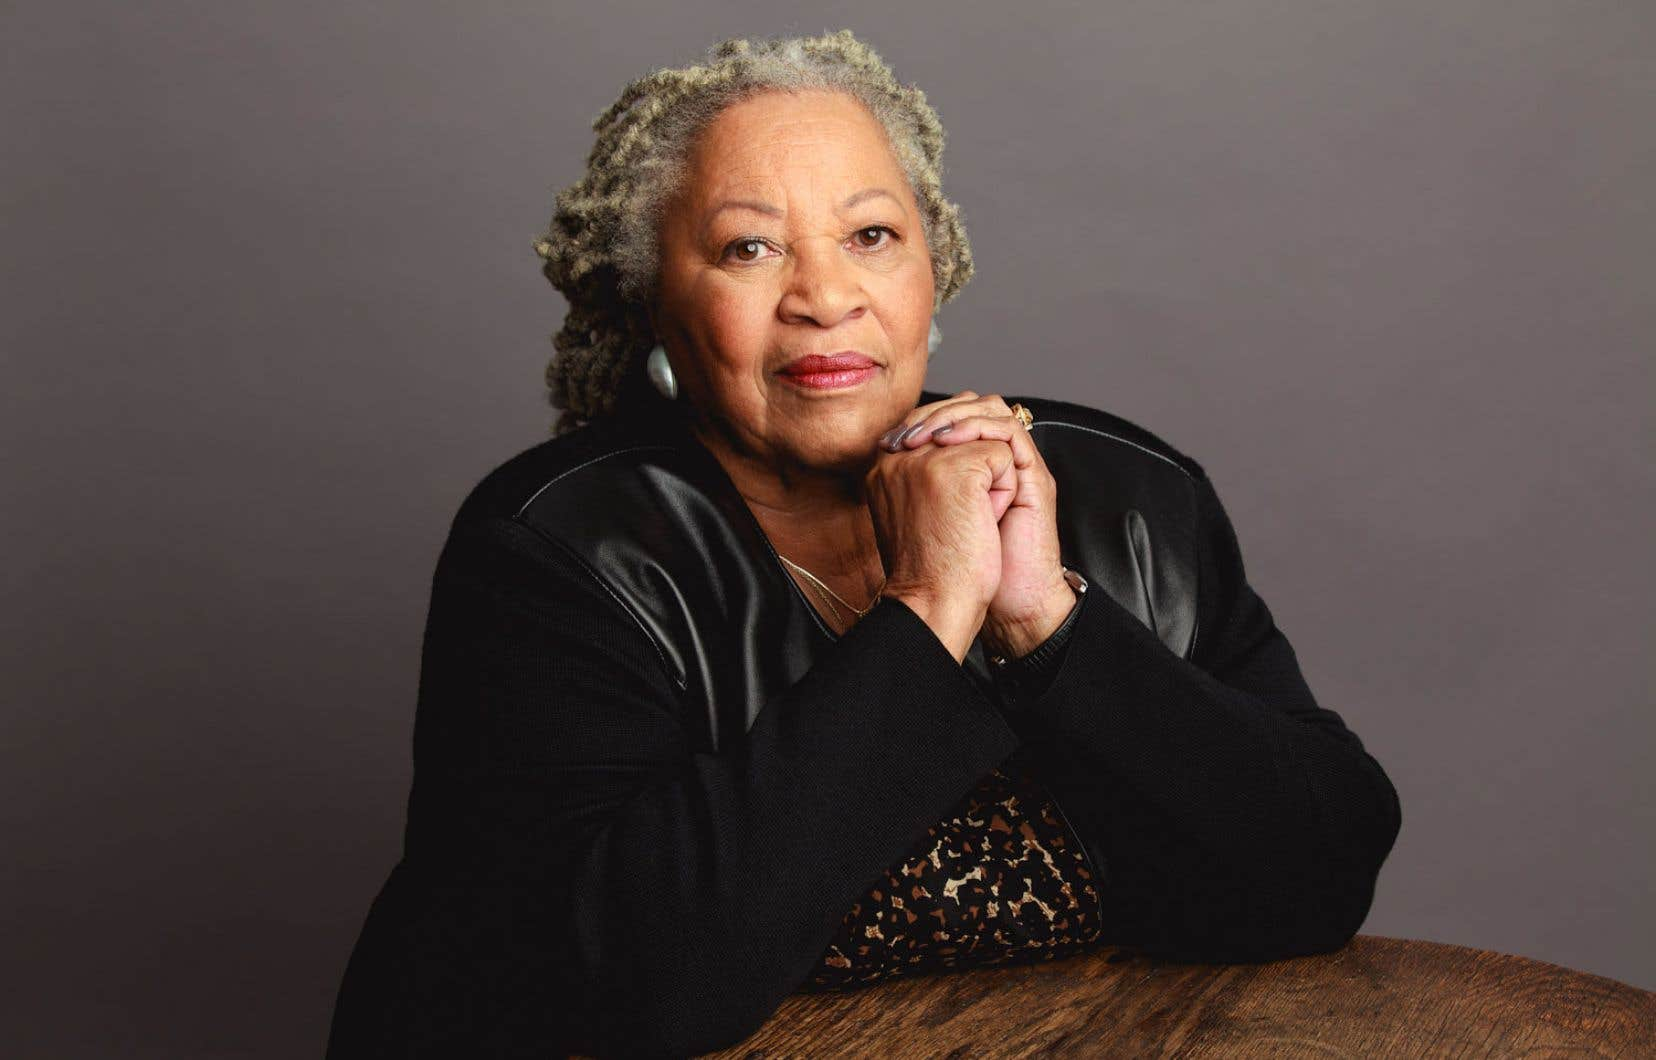 Le documentaire «Toni Morrison: The Pieces I Am» a étéréalisé peu avant sa mort, en août 2019.